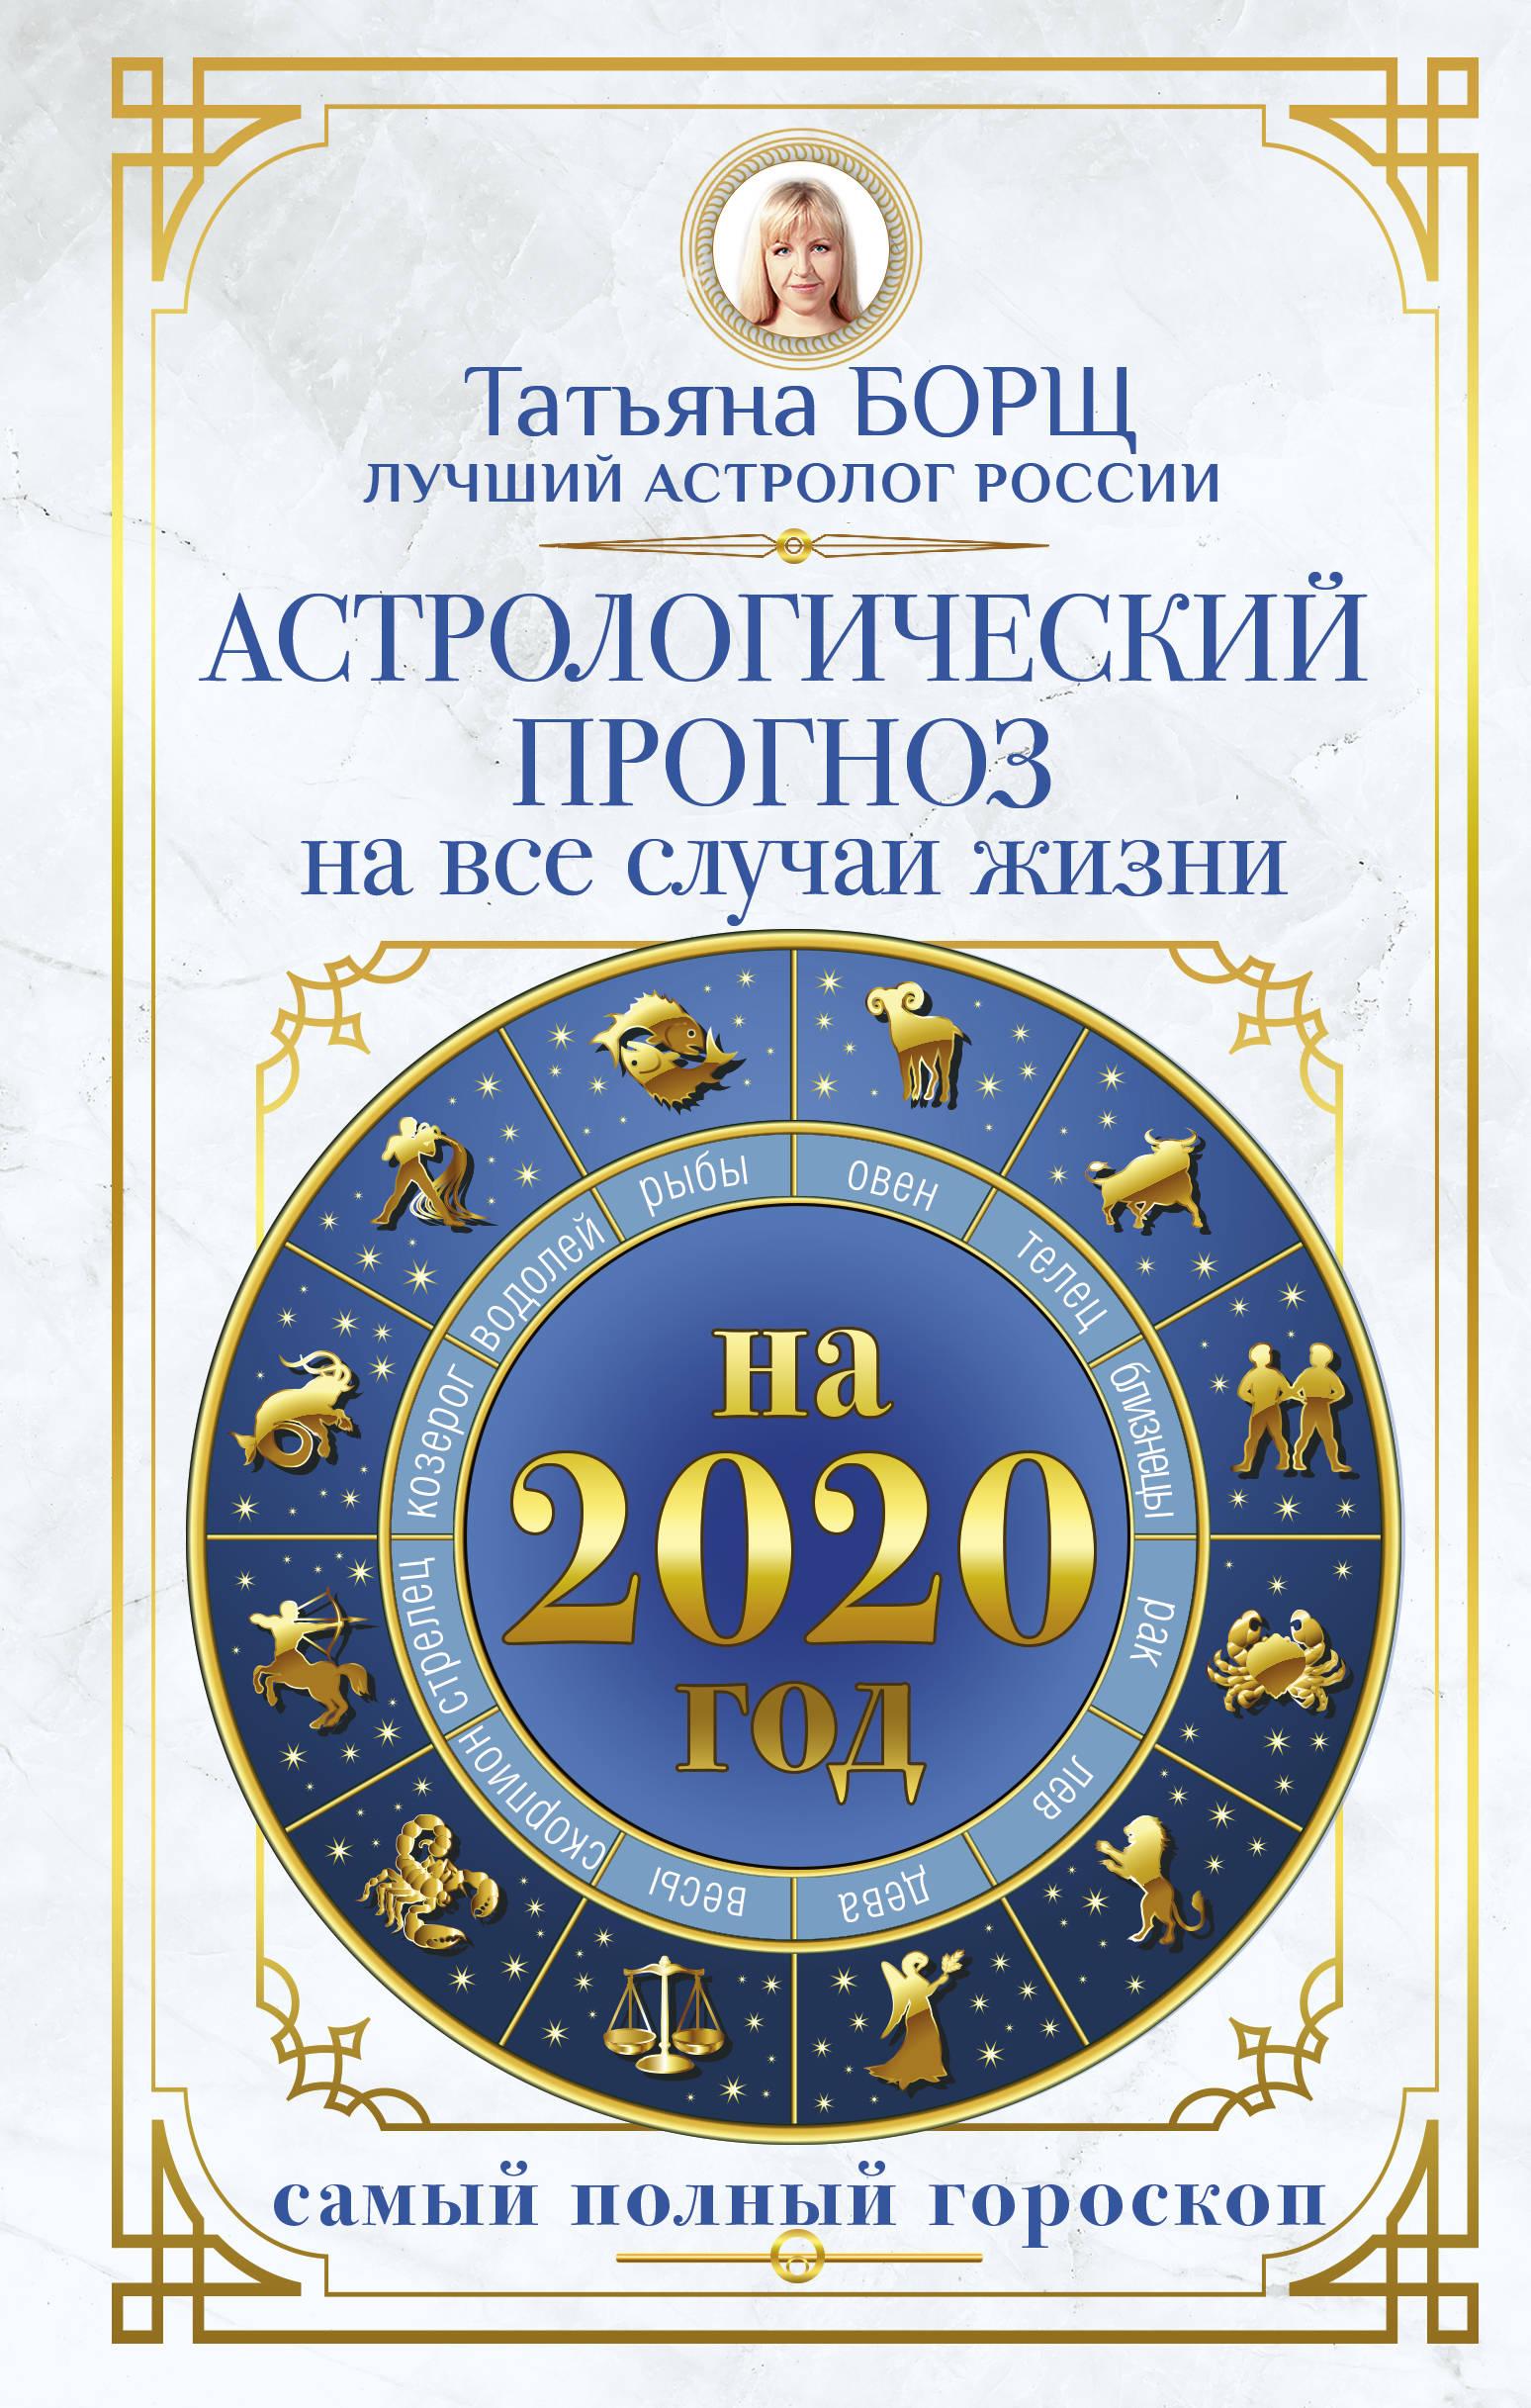 Astrologicheskij prognoz na vse sluchai zhizni. Samyj polnyj goroskop na 2020 god